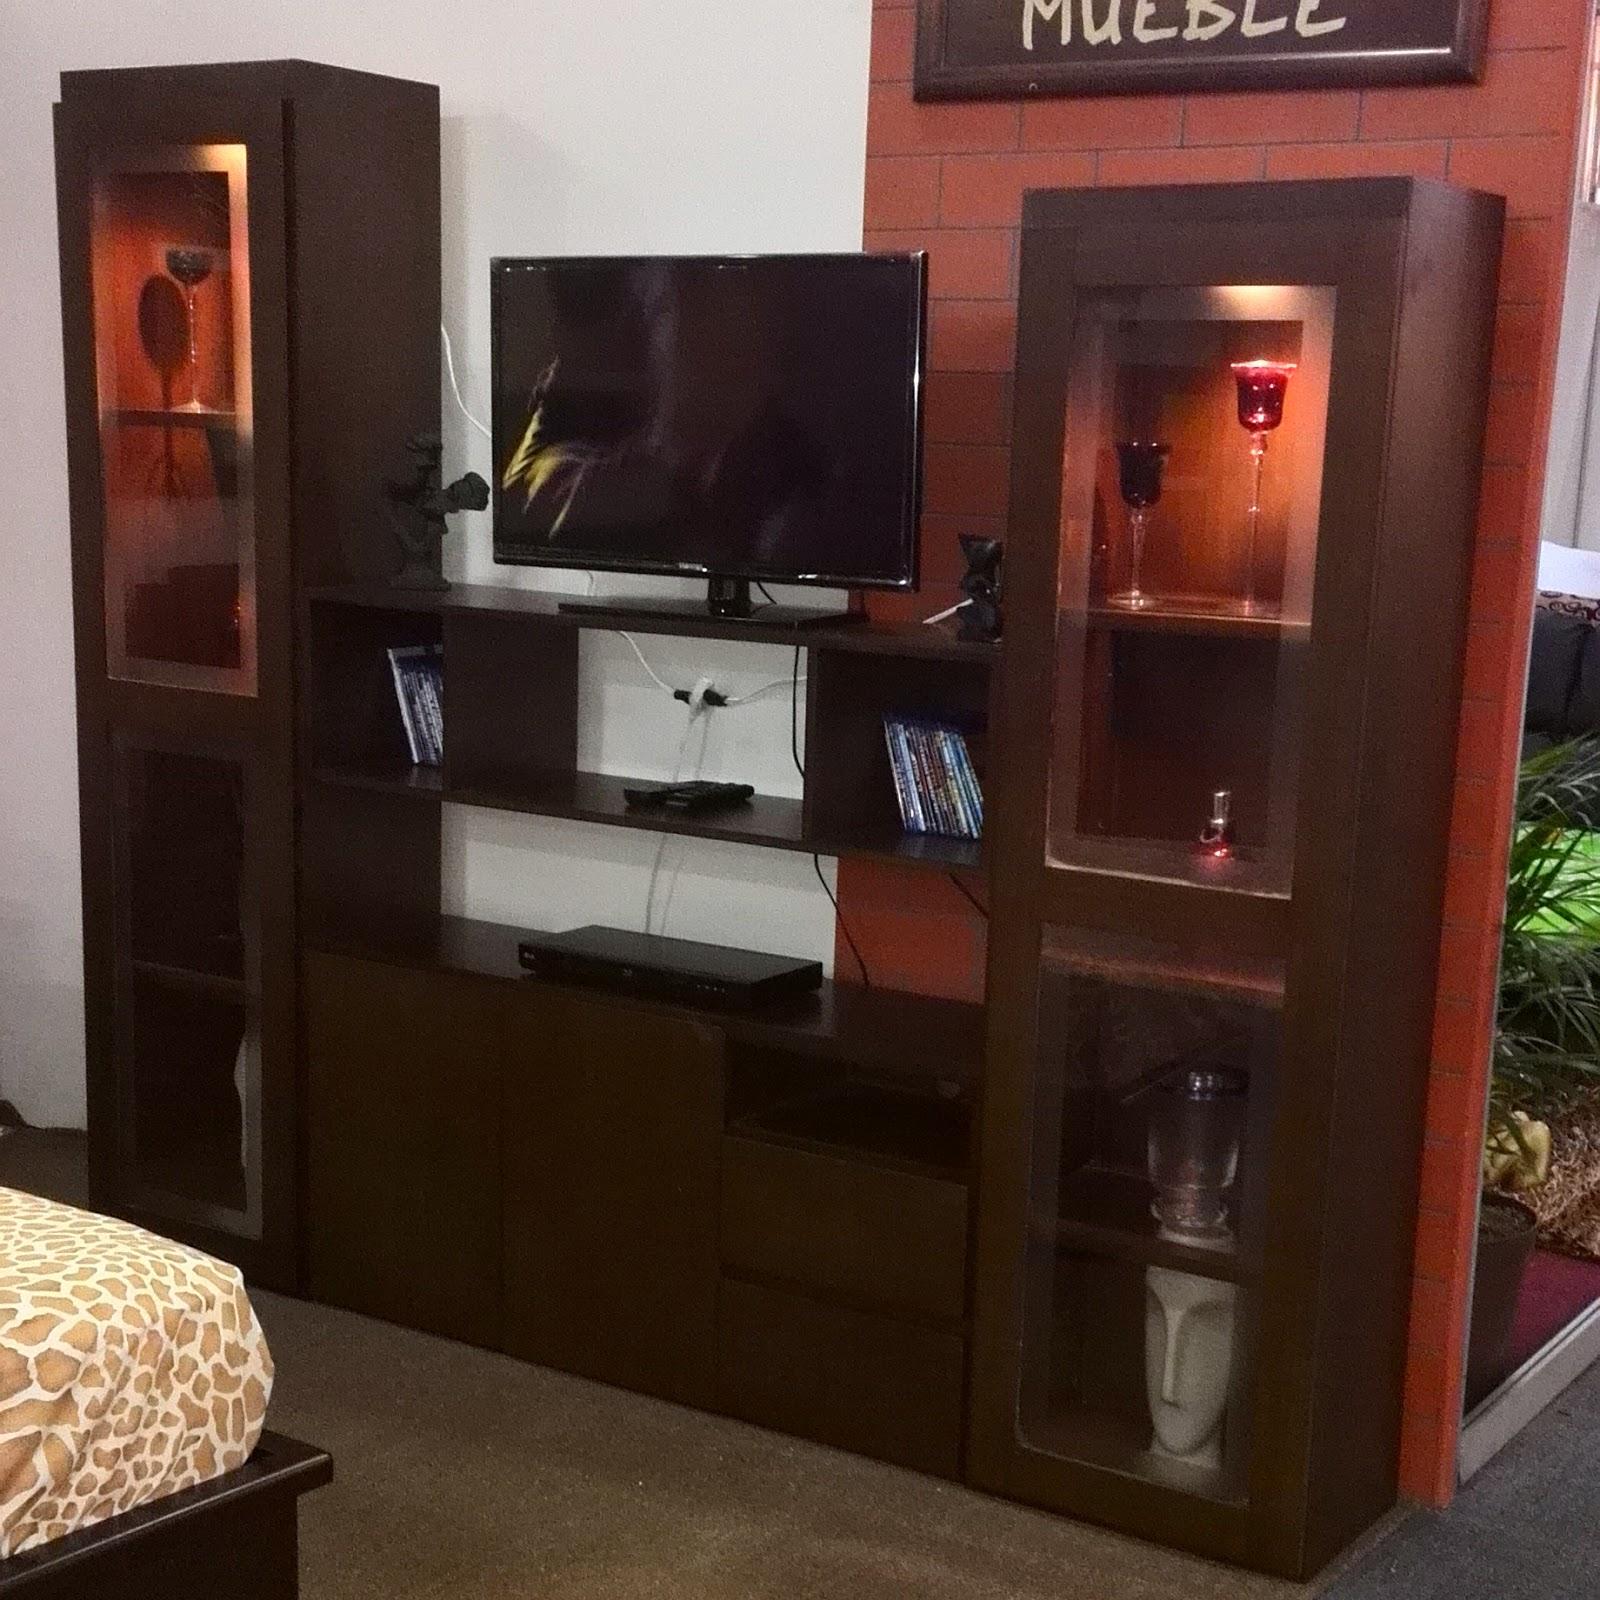 El artesano del mueble mega feria mueble hogar y - Muebles el artesano ...